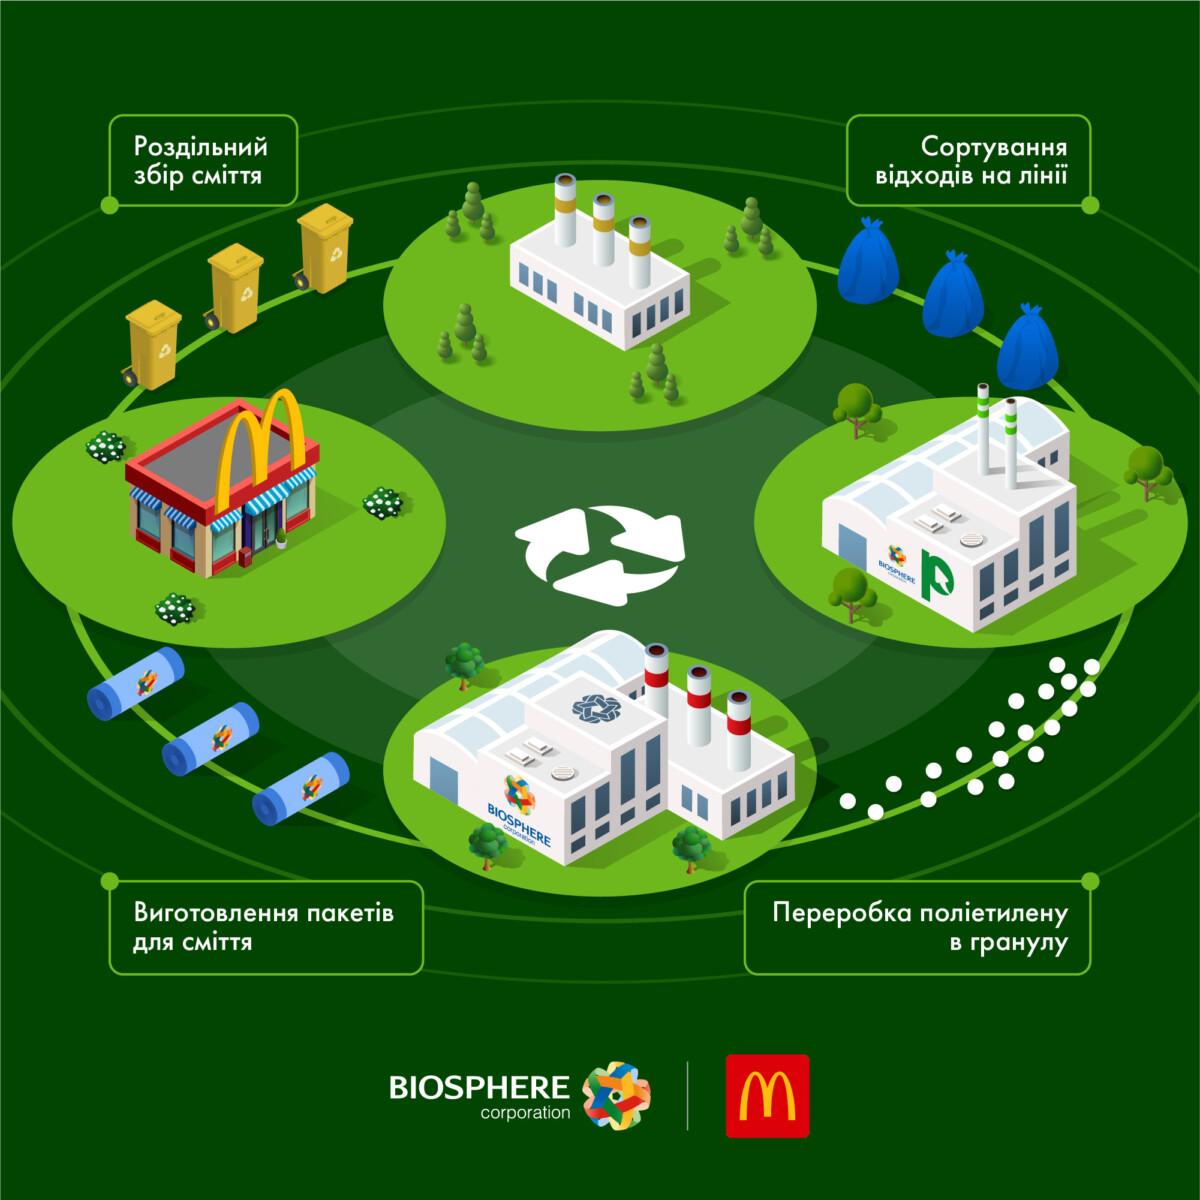 С использованного полиэтилена — пакеты для мусора: корпорация «Биосфера» и McDonald's начали сотрудничество в сфере рециклинга - Biosphere